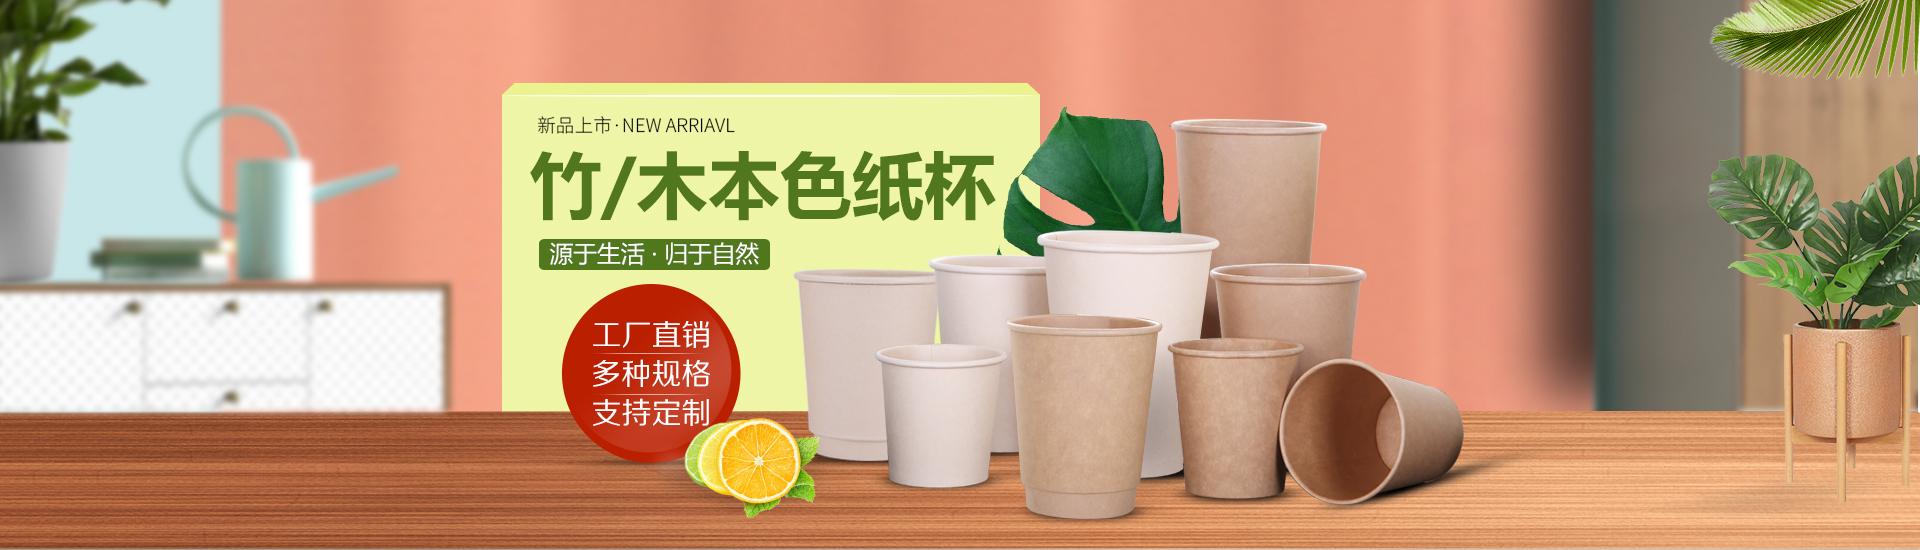 一次性木/竹本色纸杯